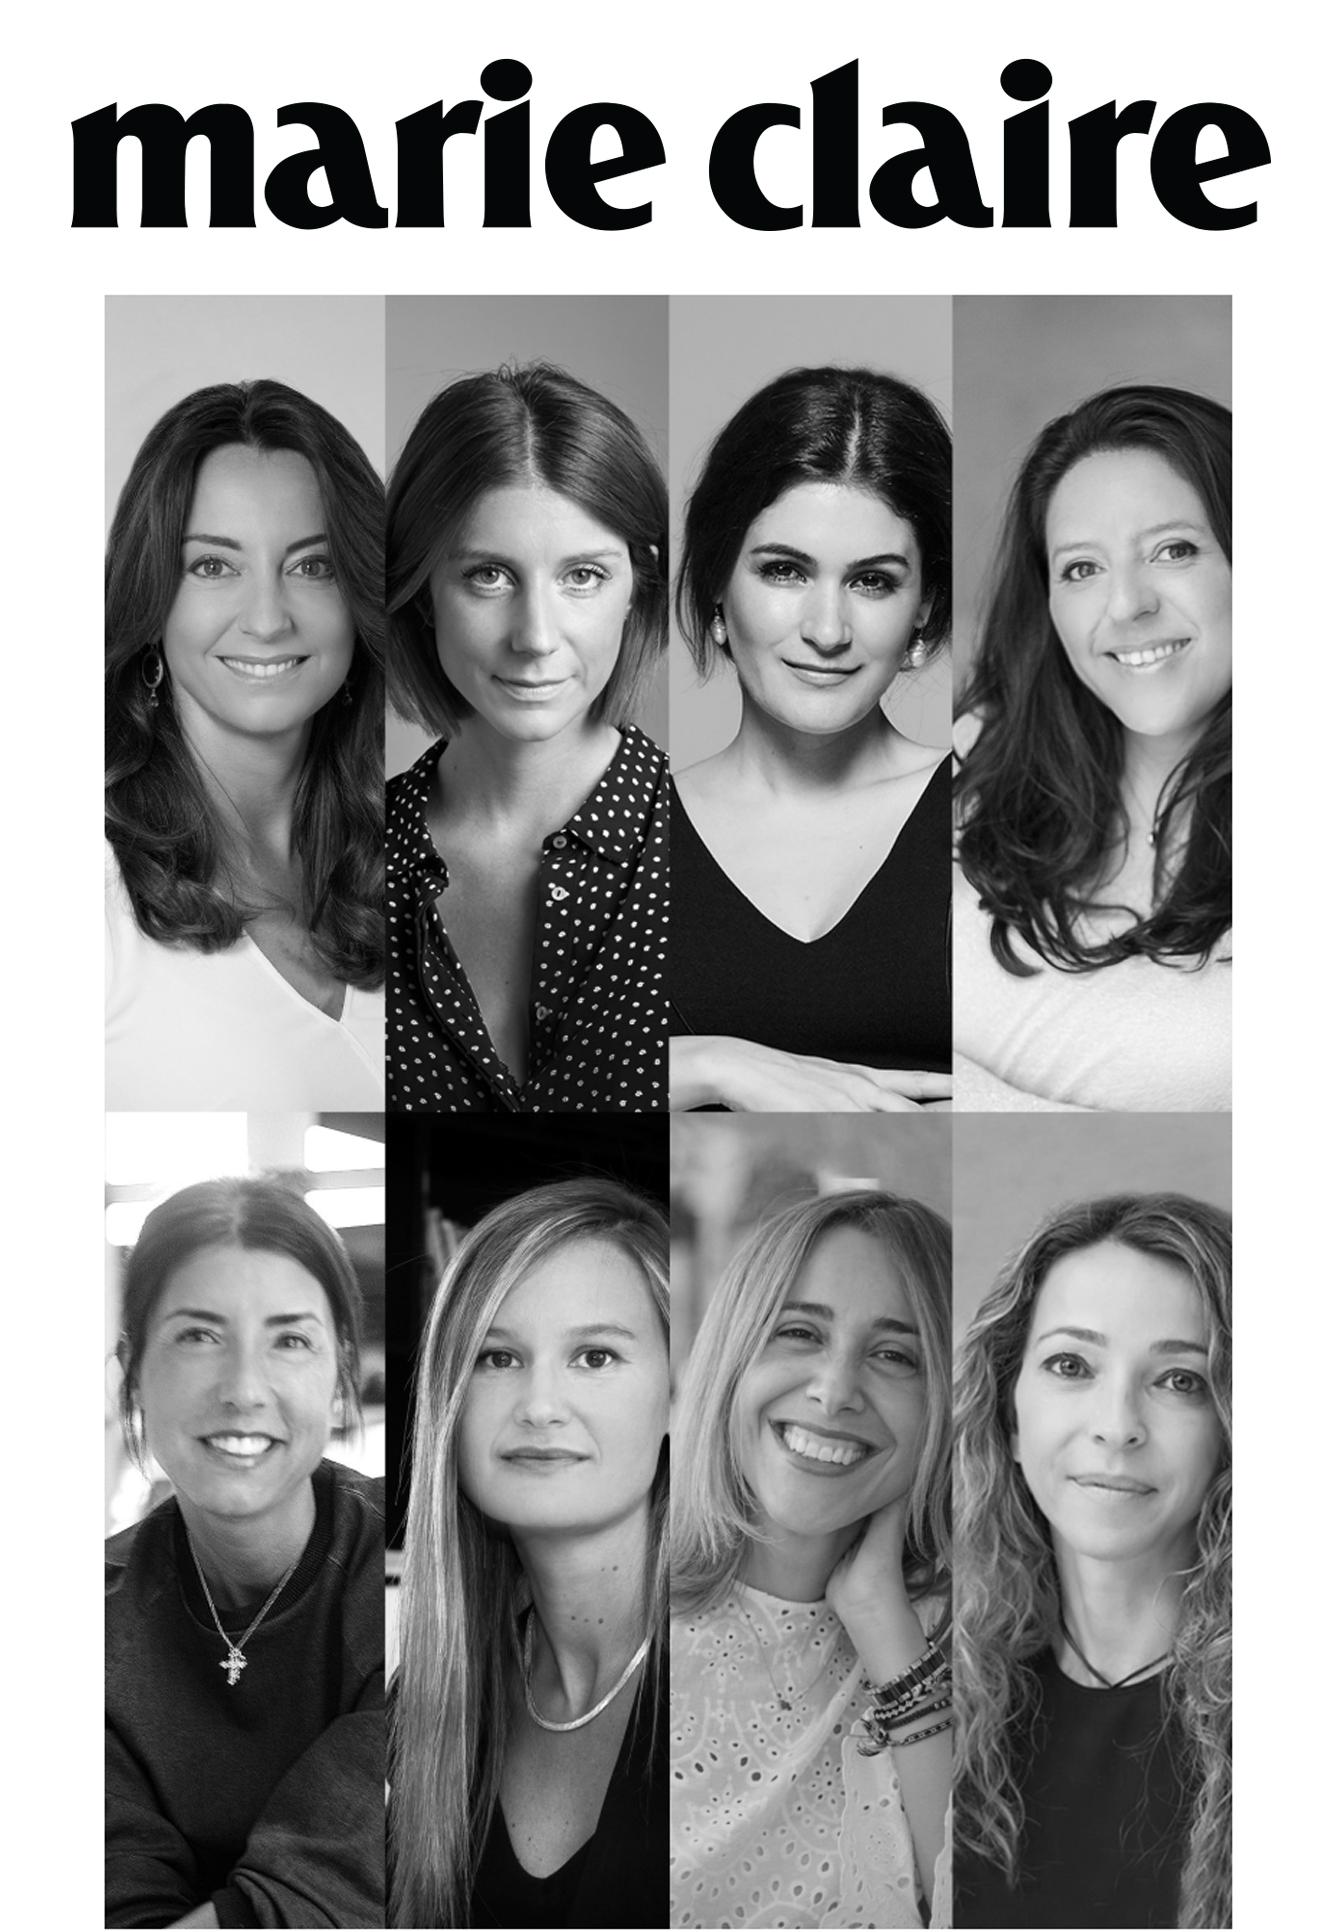 #WomenInTechSpain - MARIE CLAIREDurante un año, diez encuentros reunirán a diez ejecutivas españolas para debatir sobre la posición de las mujeres en las empresas digitales y tecnológicas, crear lazos profesionales y personales y fortalecer sus currículos. En Women In Tech Spain, los participantes recibirán talleres de liderazgo y las guías para poder acceder a los consejos de administración.Artículo publicado en Marie Claire